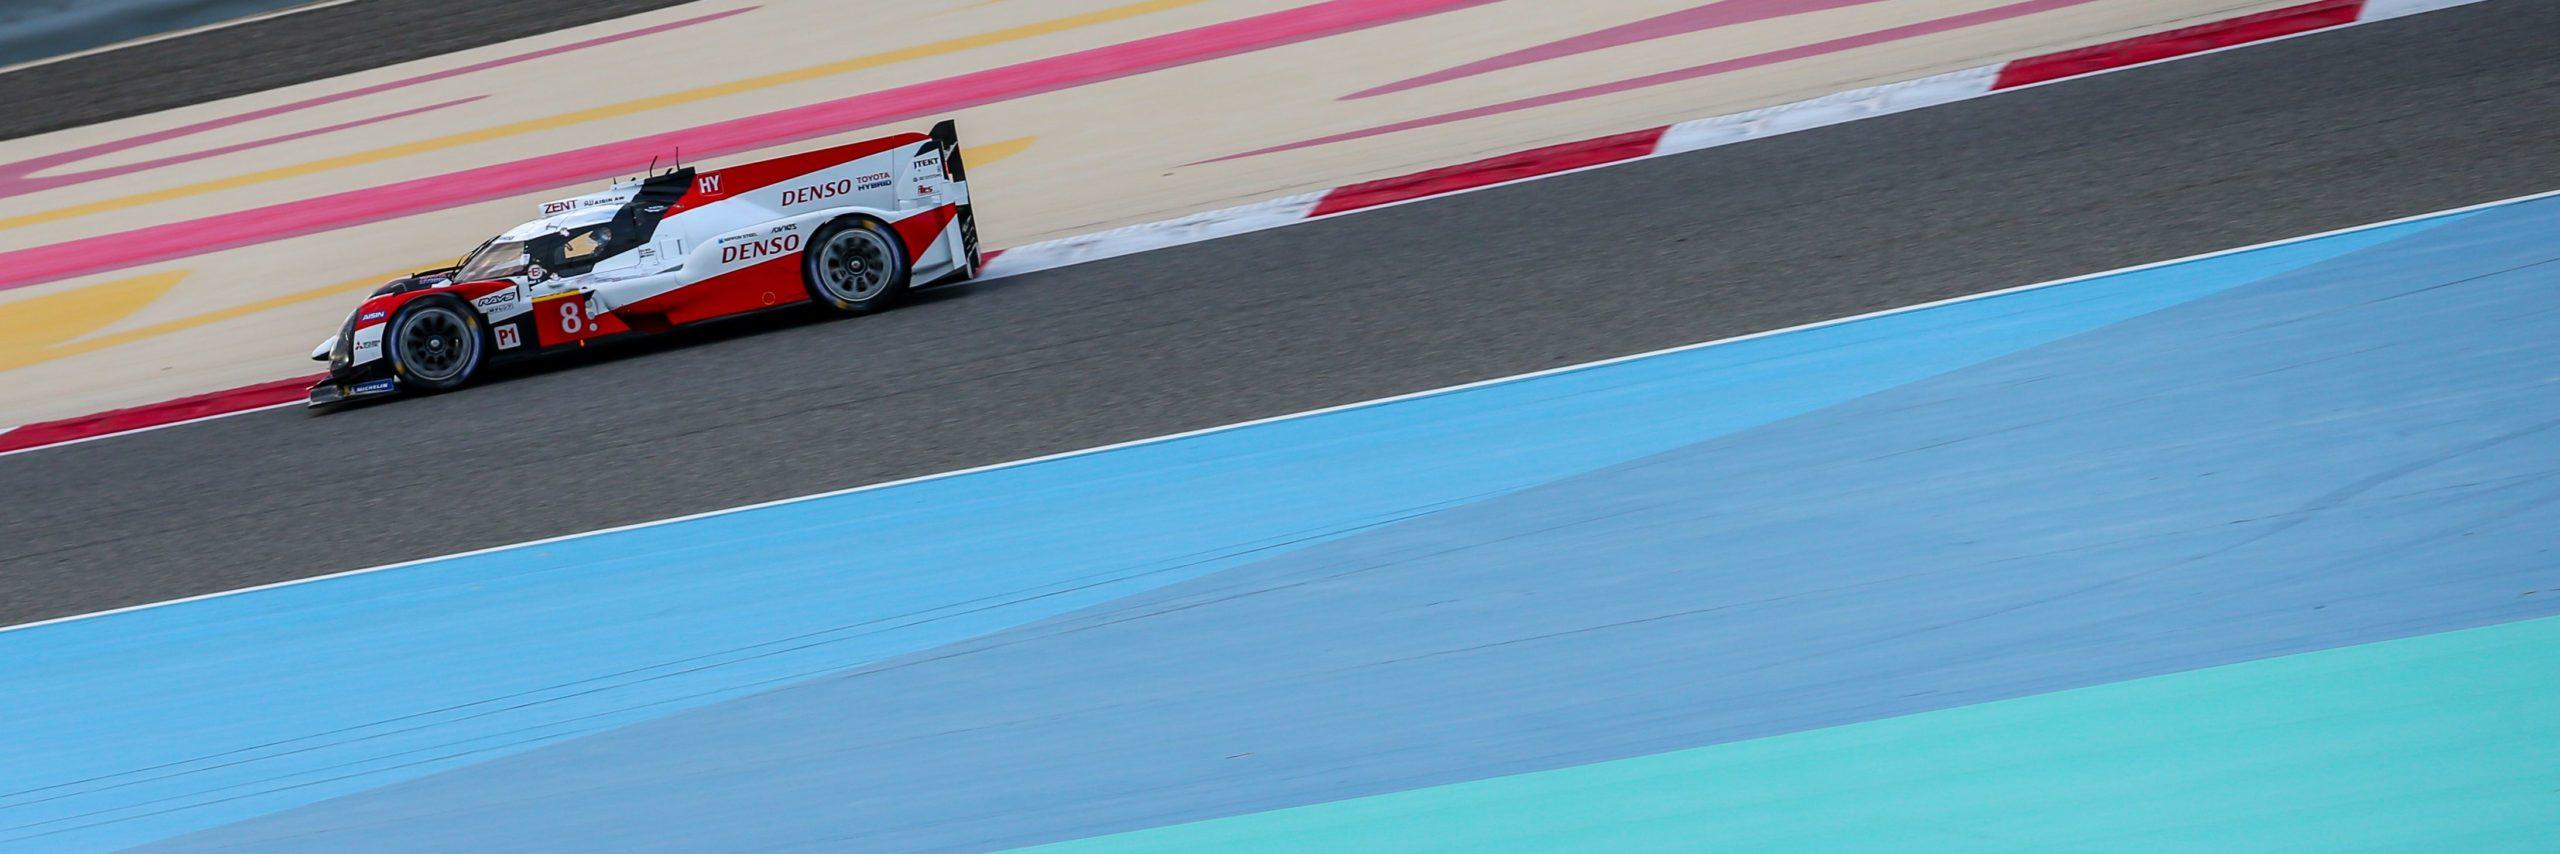 FIA World Endurance Championship (FIA WEC) slide 3